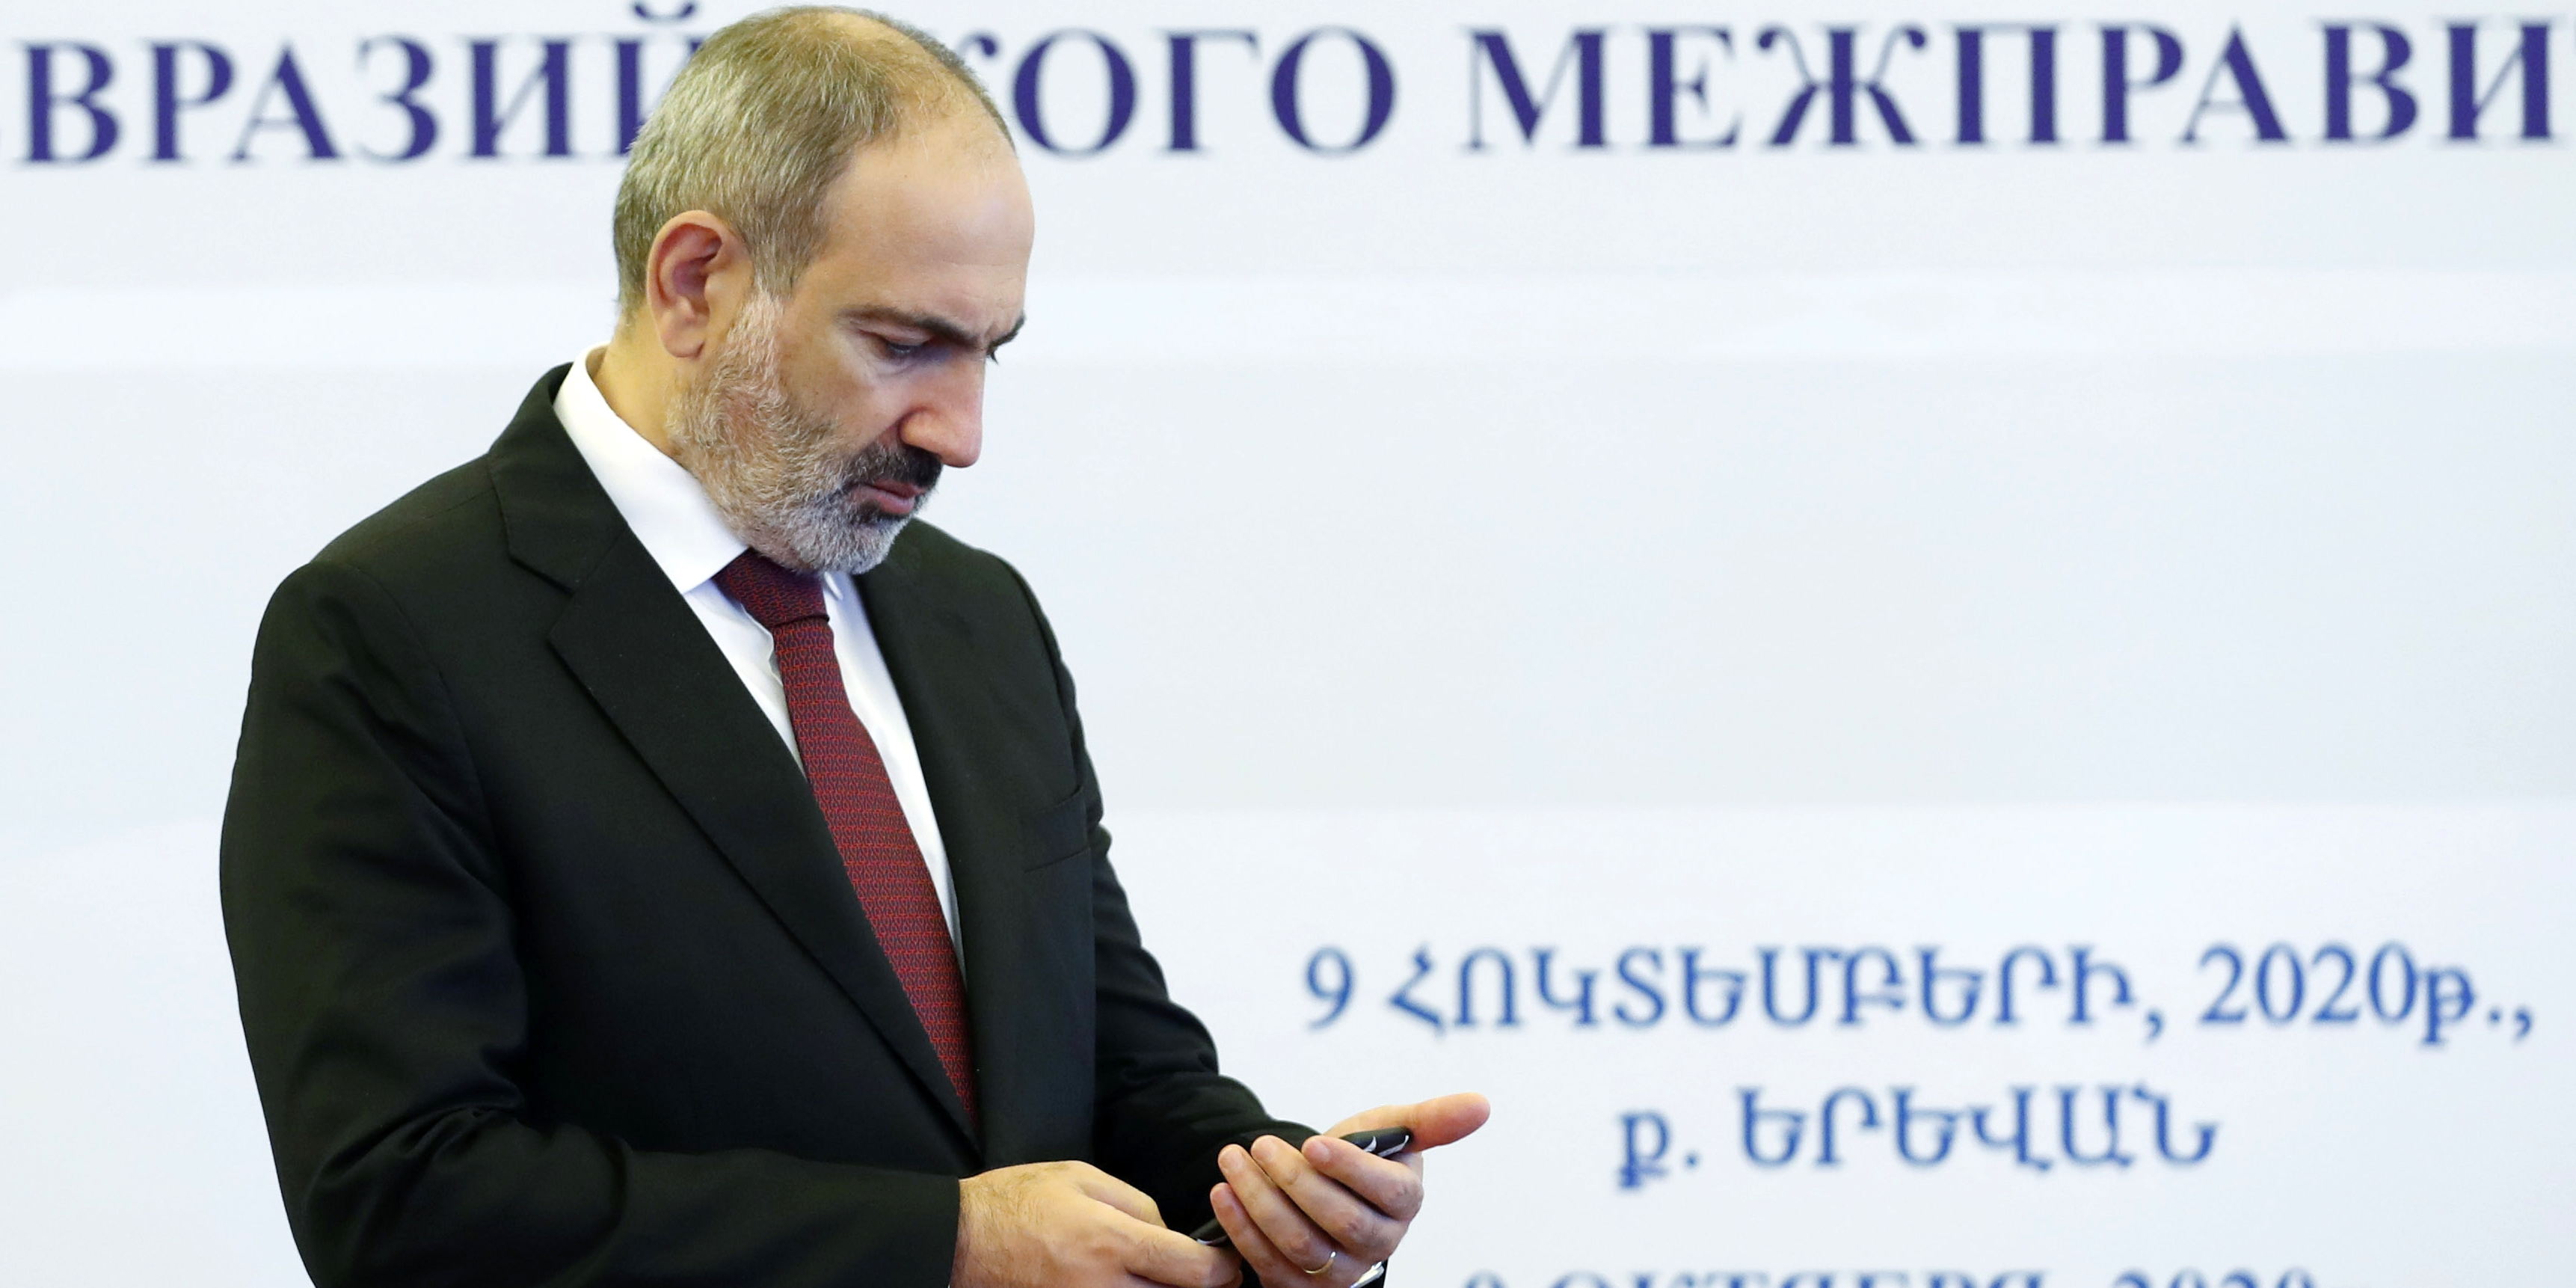 Ermenistan'ın Başbakanı Paşinyan halkı cepheye çağırdı